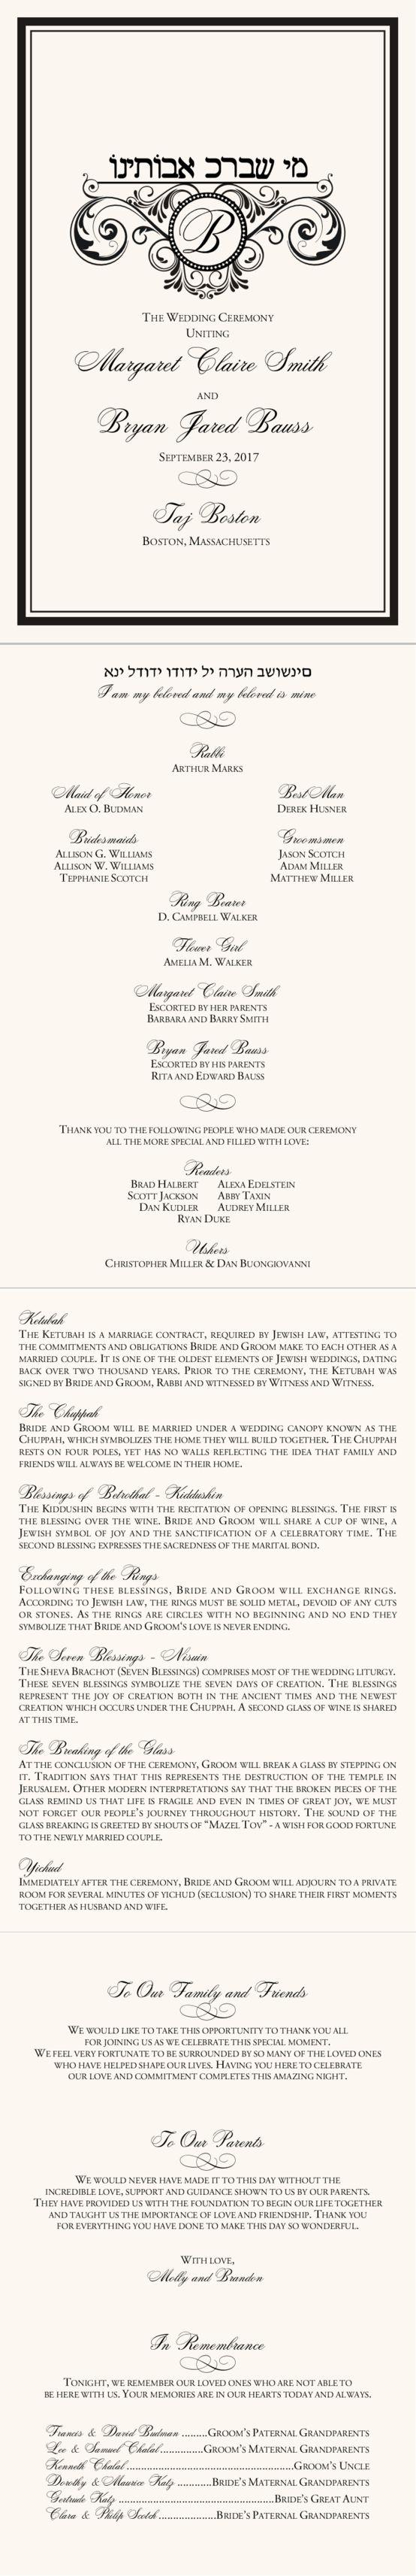 Essay wedding ceremony